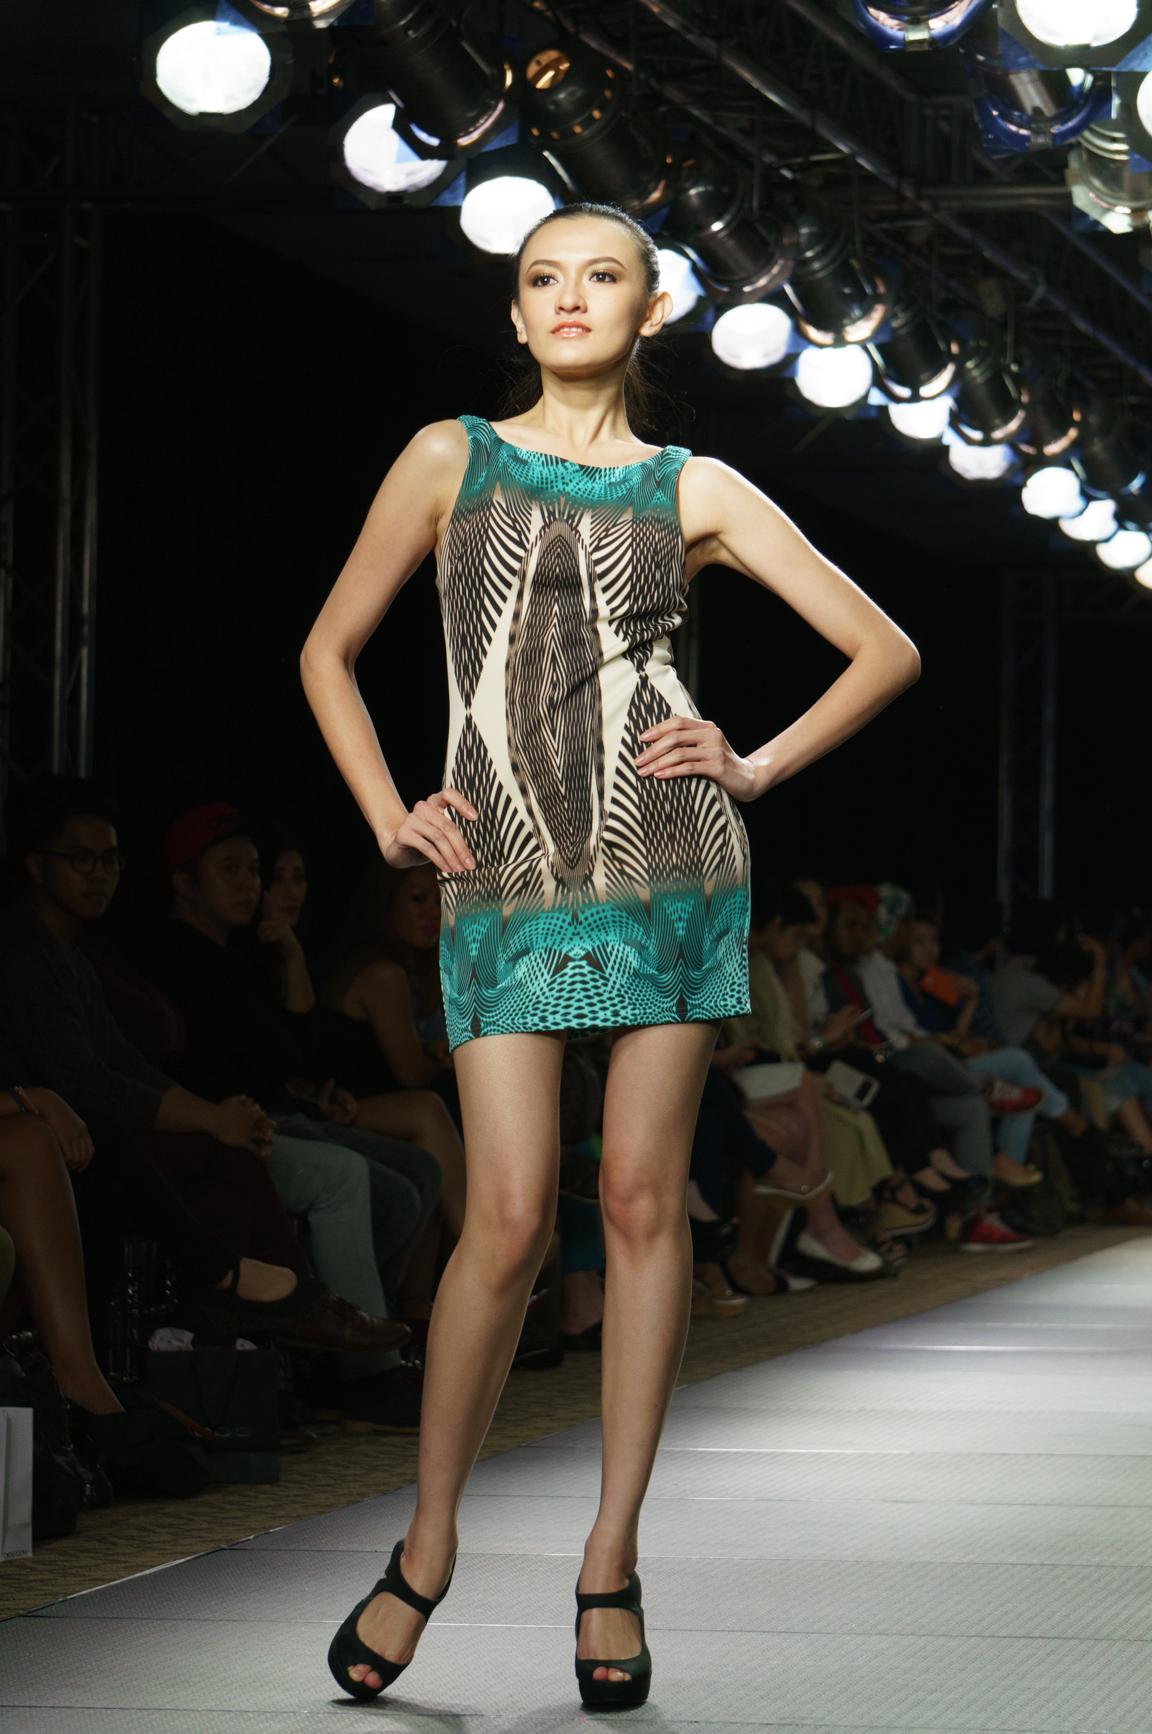 Bebe Plaza Indonesia Fashion Week 2014 Boredlistlesstired